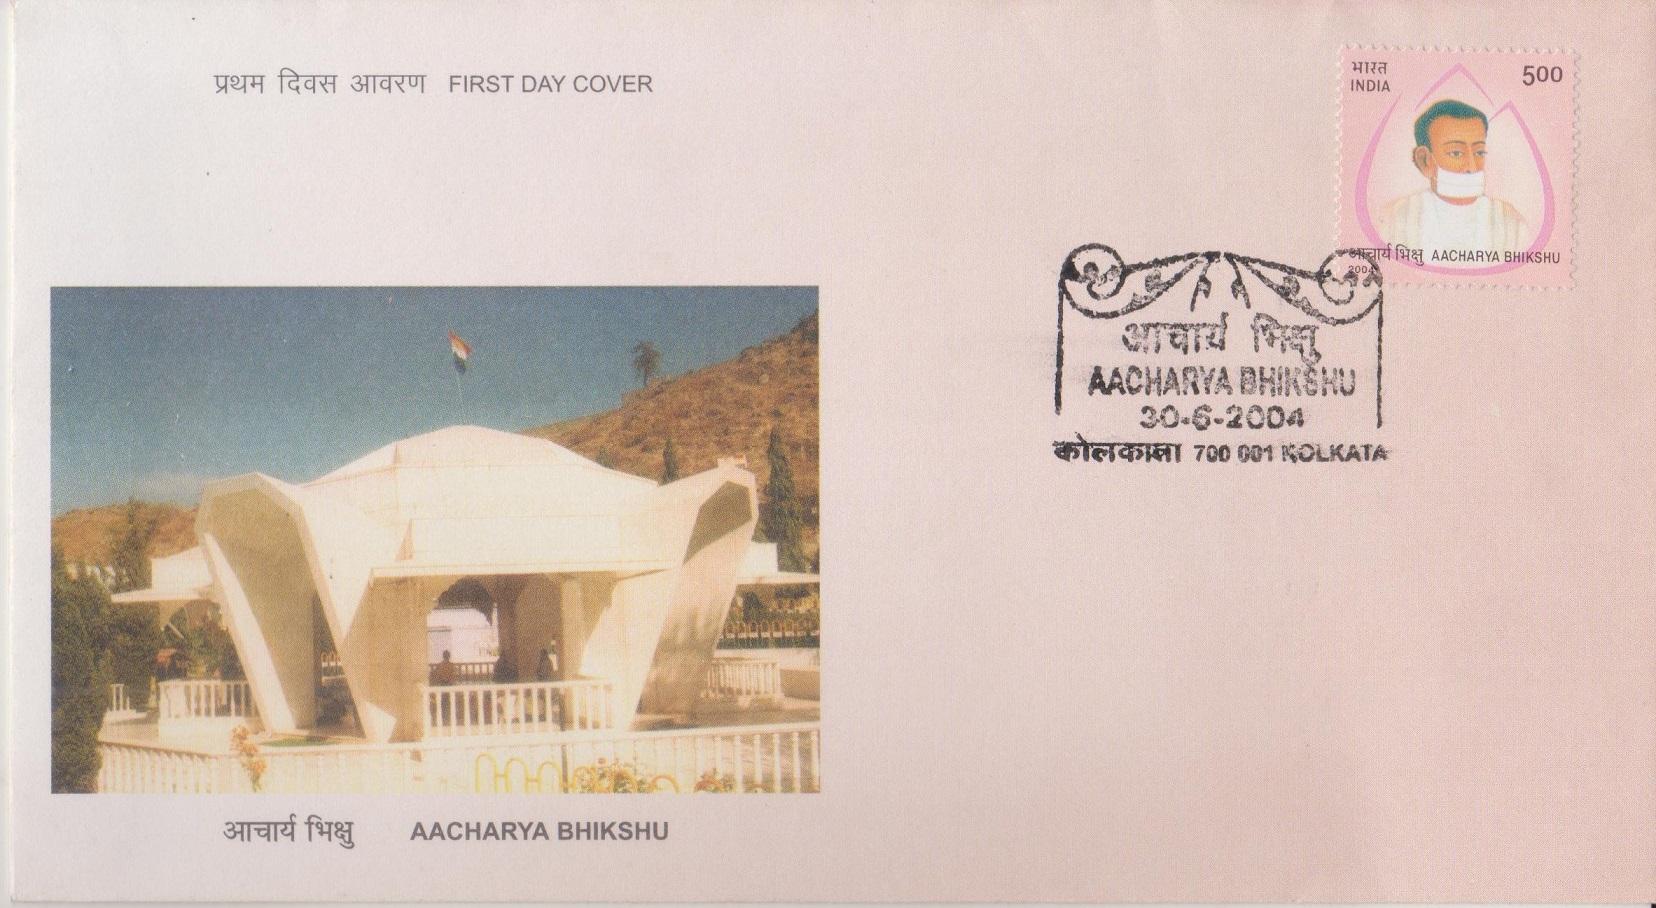 Aacharya Bhikshu's Samadhi Sthal, Siriyari, Pali, Rajasthan